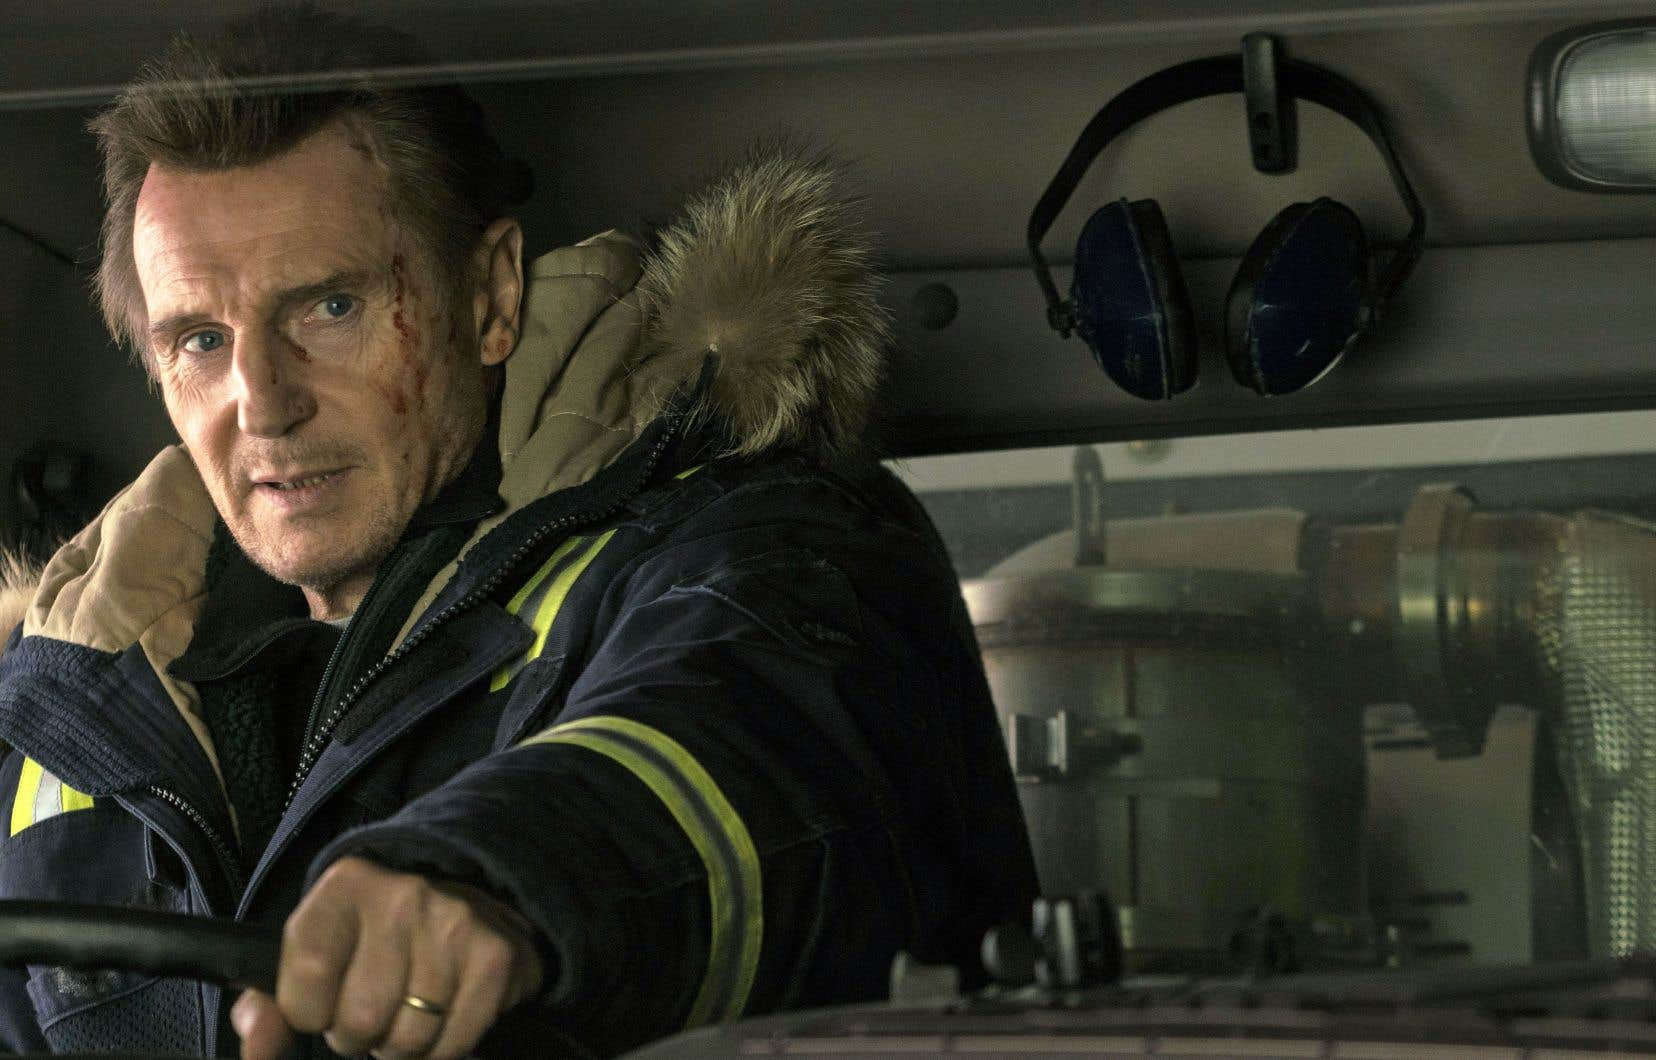 Liam Neeson utilise sa haute stature pour composer une machine humaine déterminée et peu loquace dans cet hybride entre thriller et comédie noire.